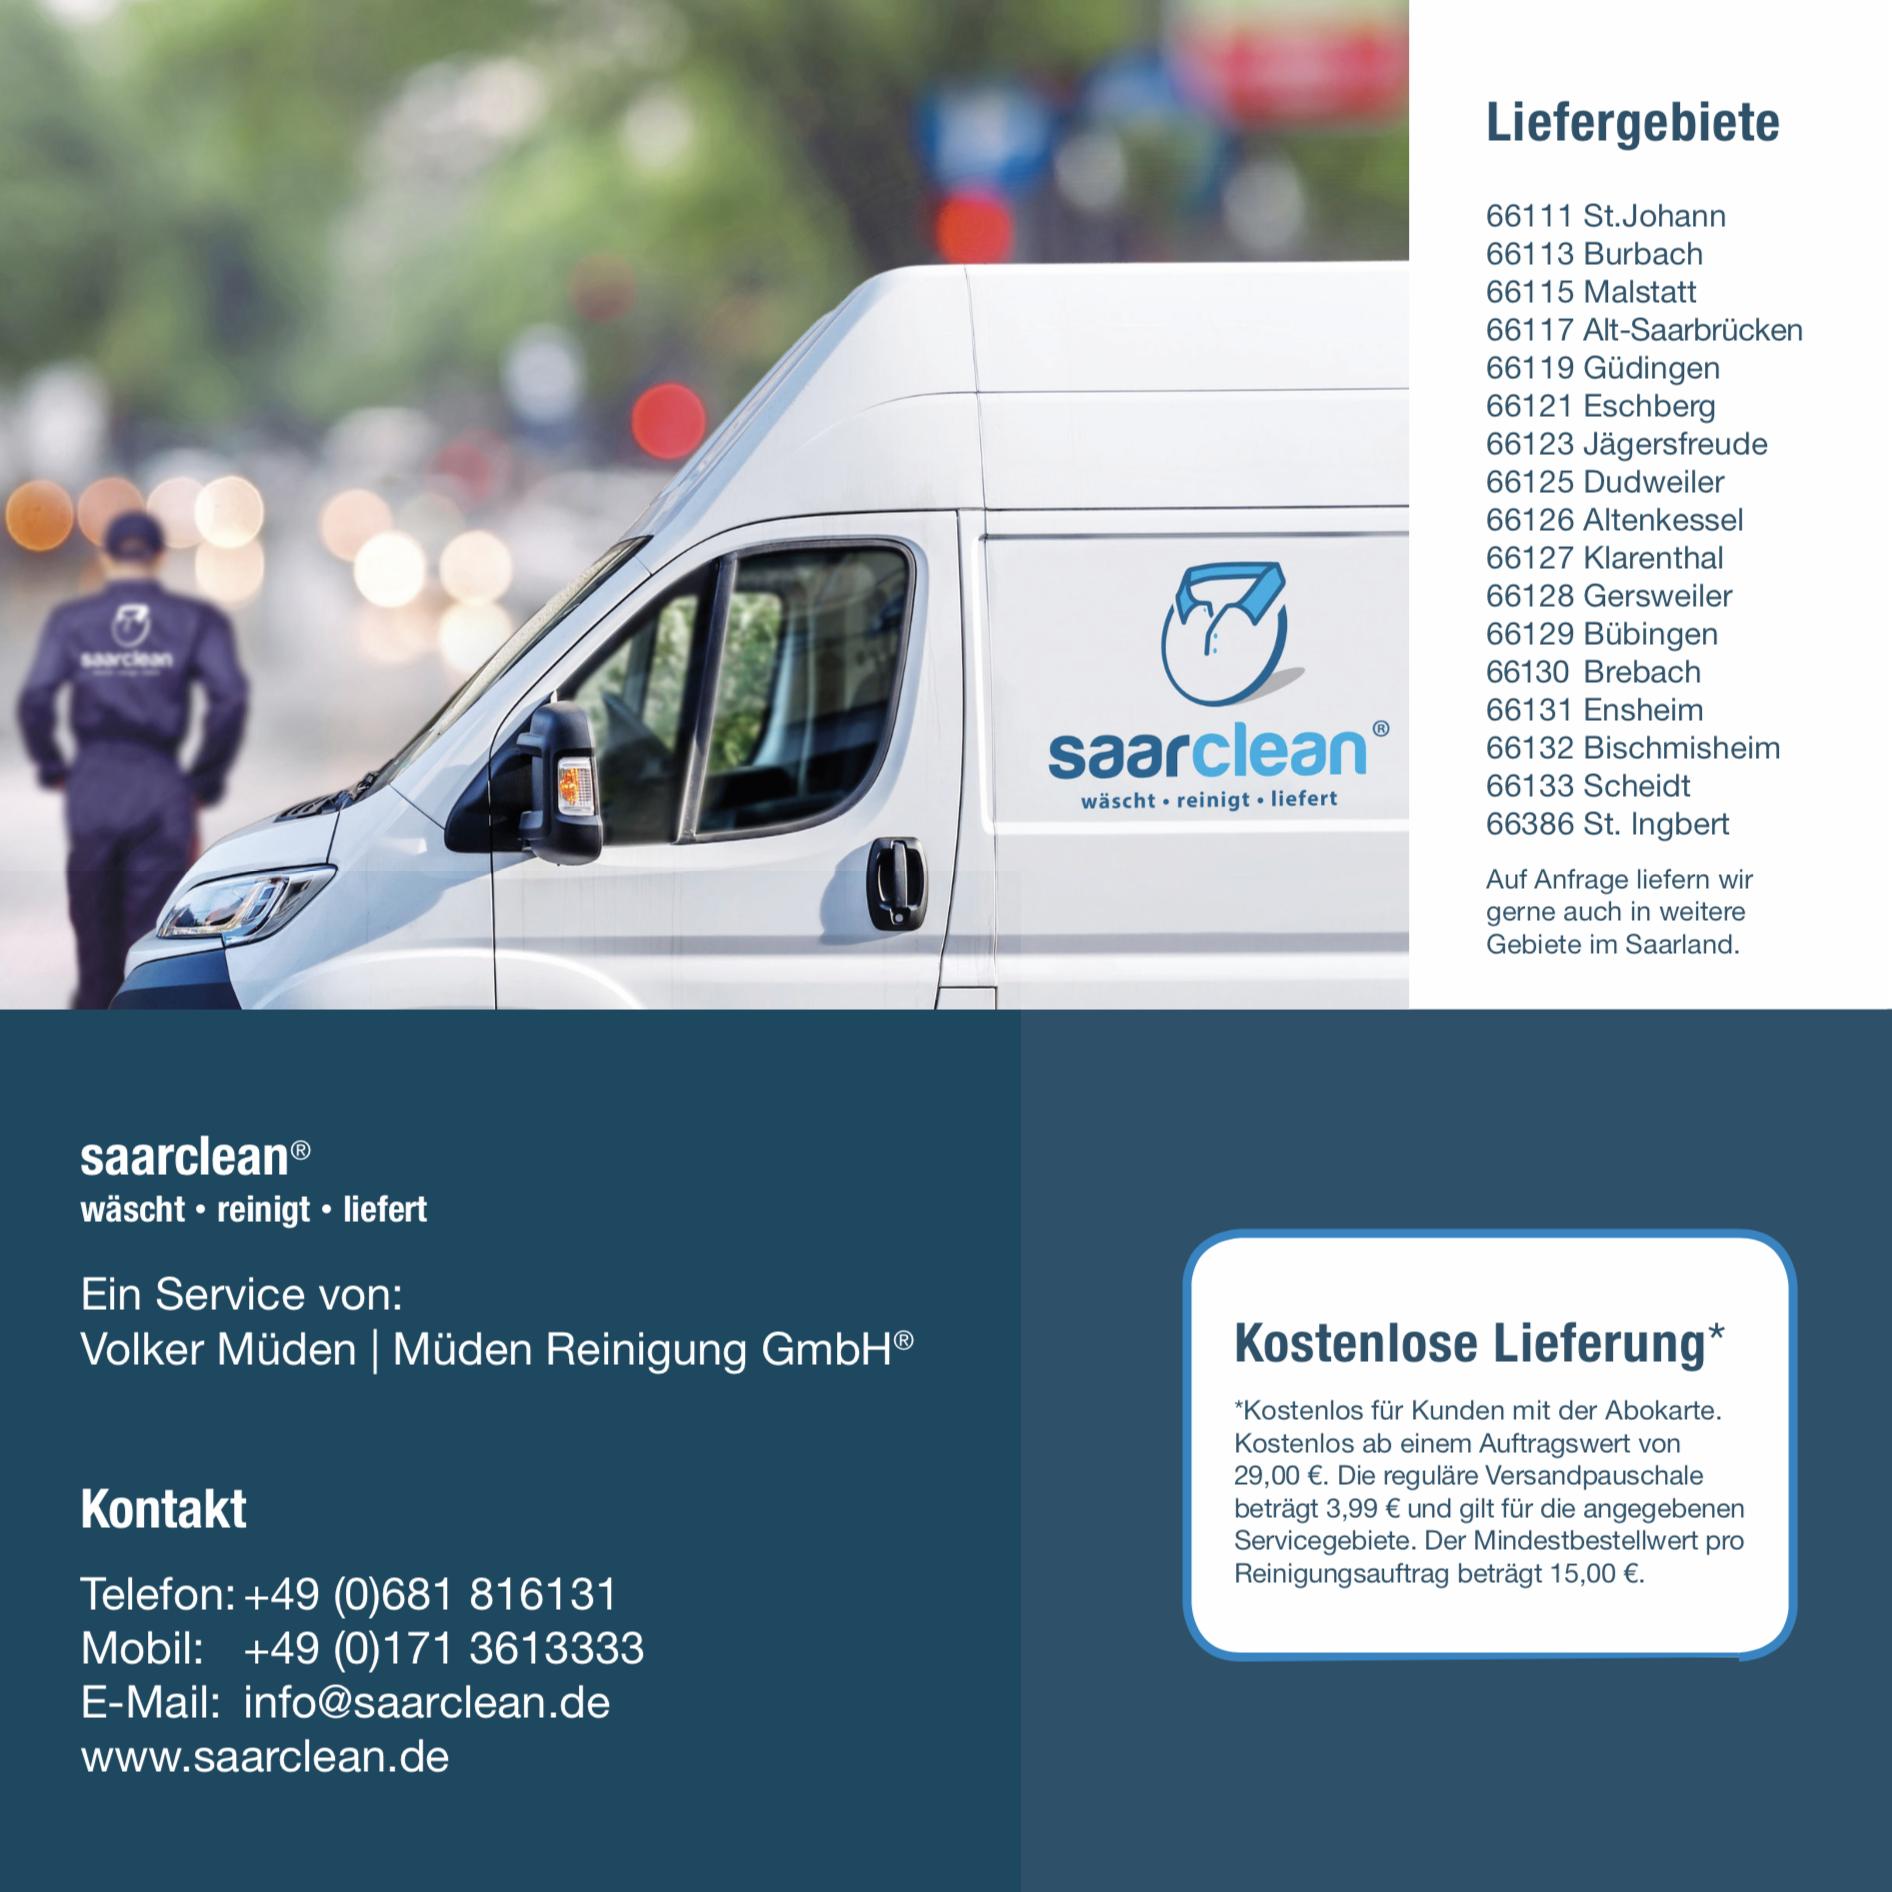 saarclean Lieferservice - Wir schenken dir Zeit # 5 Kontakt und Liefergebiet